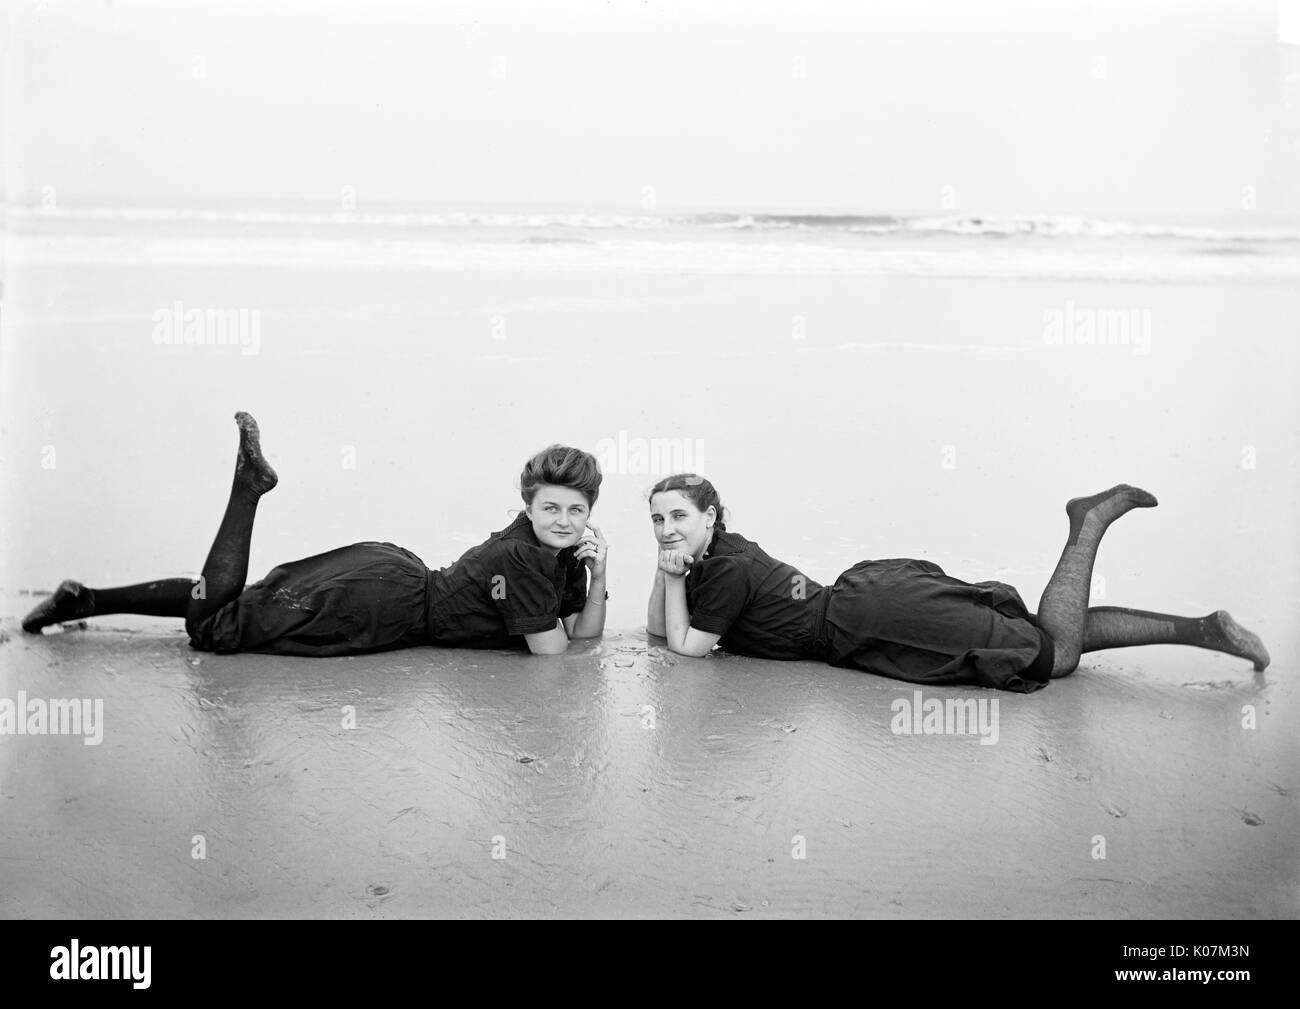 1900 period immagini 1900 period fotos stock alamy - Costumi da bagno del 1900 ...